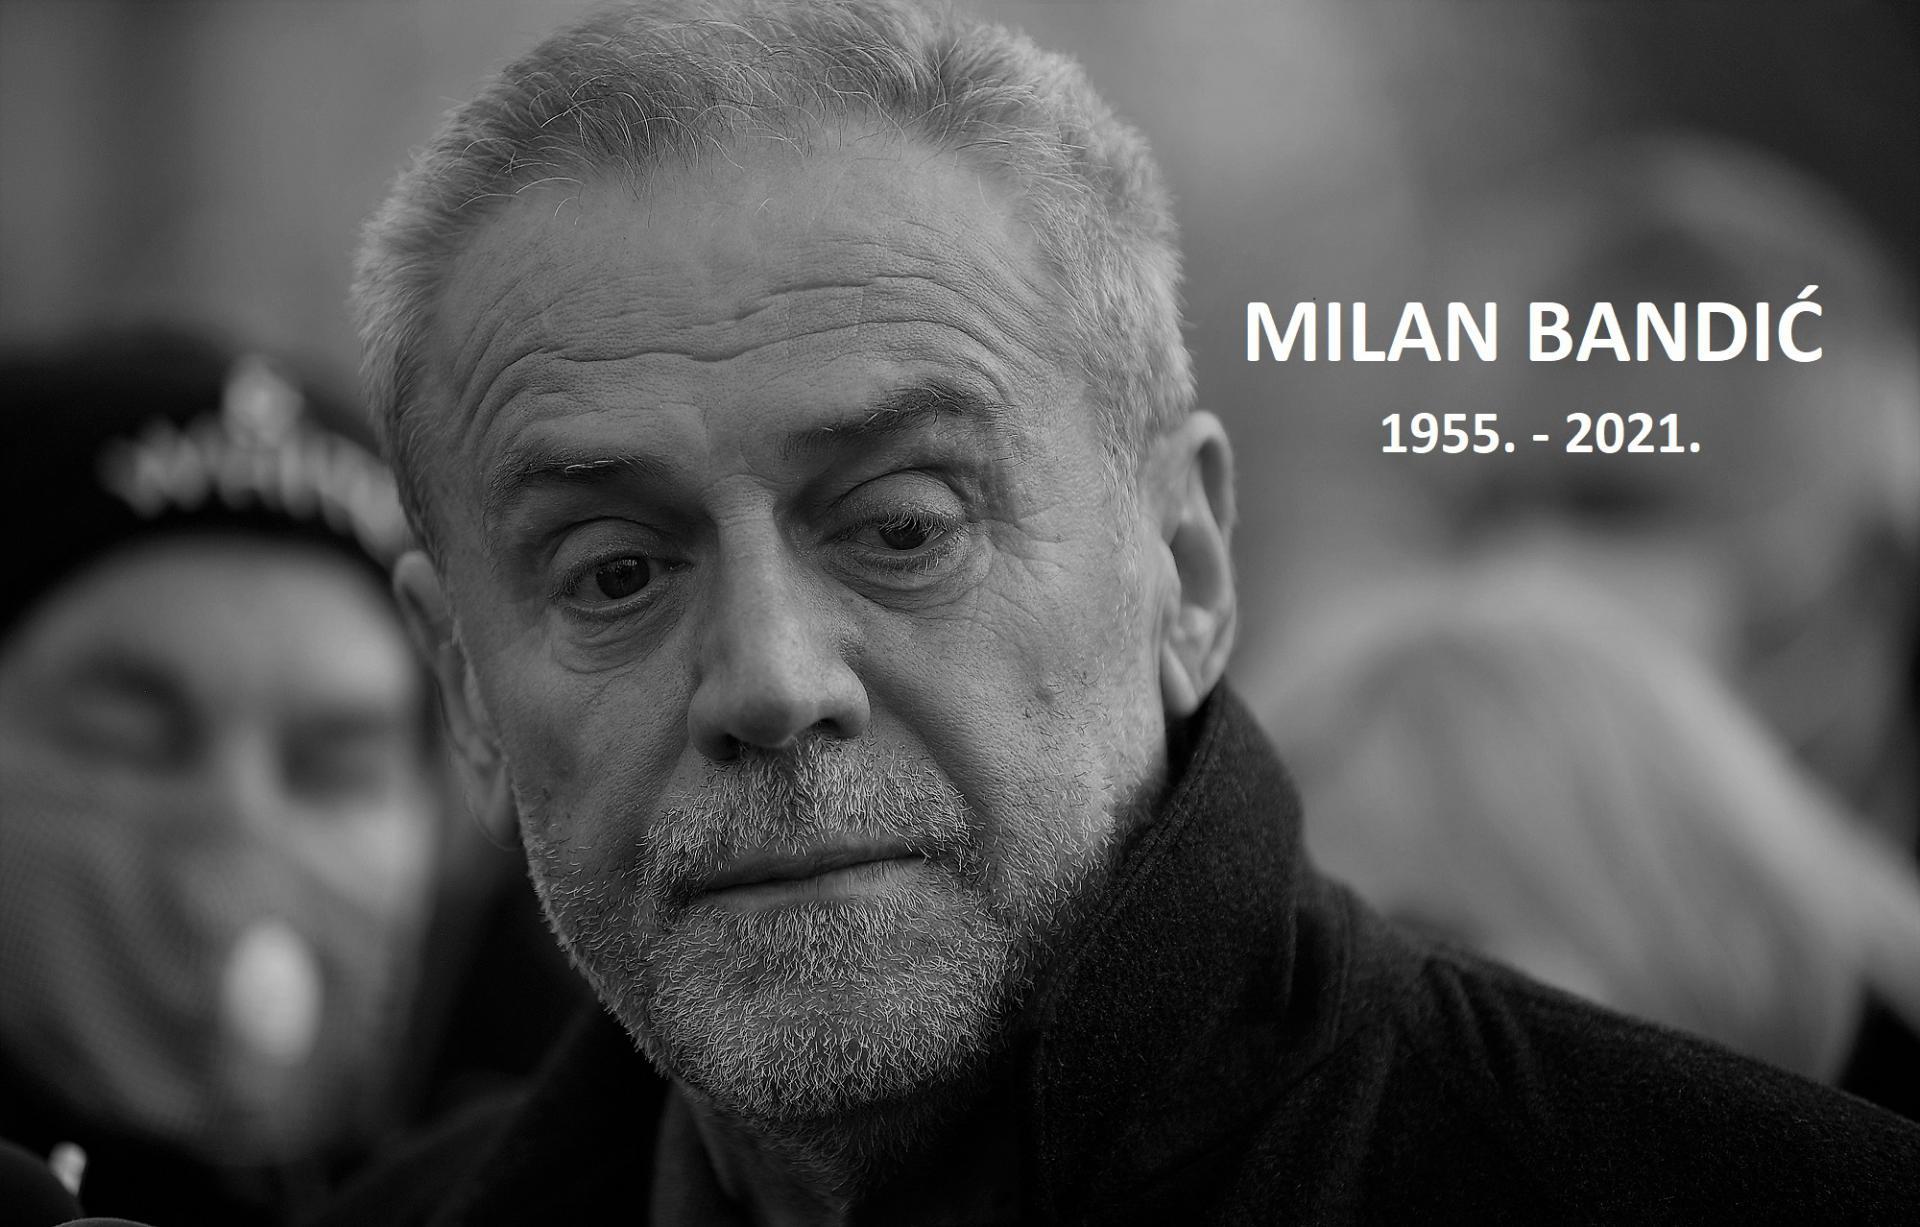 S Milanom Bandićem će na Mirogoju biti zakopane brojne tajne, dilovi, poslovi svake vrste. Neki će ga žaliti, neki neće...